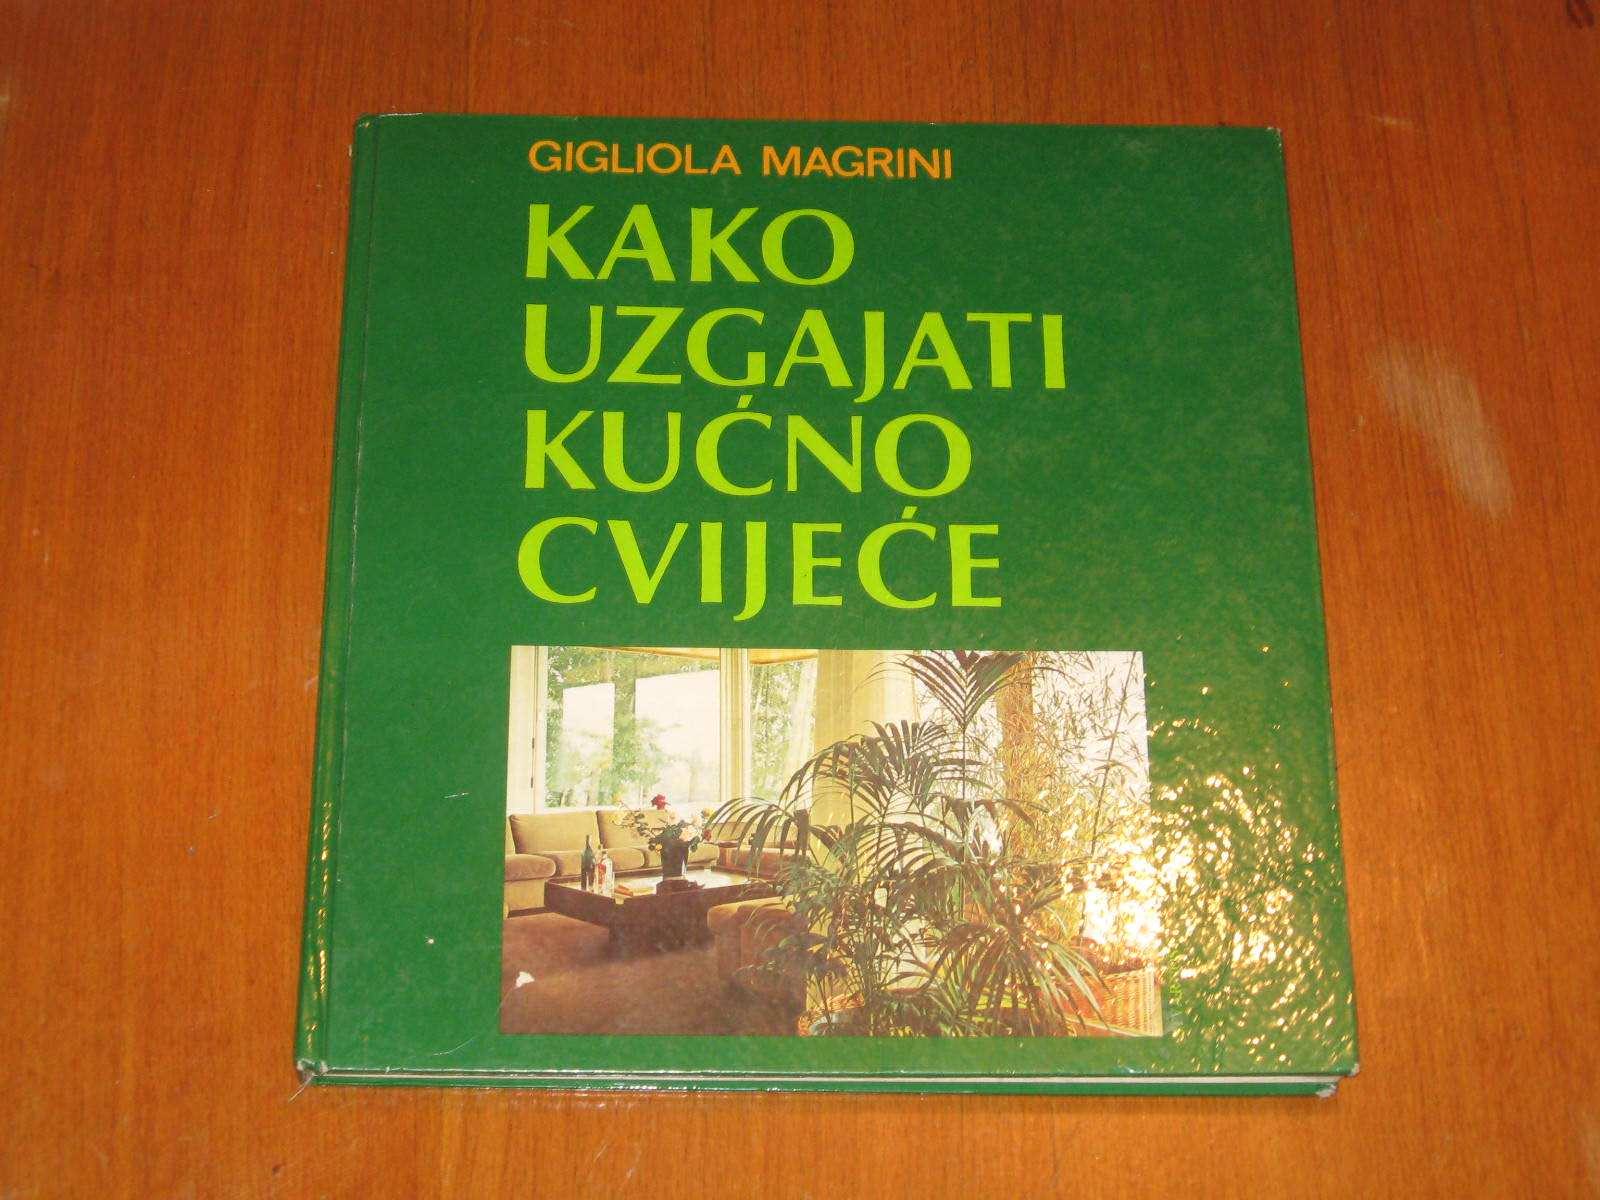 Kako uzgajati kućno cvijeće - Gigliola Magrini - Kupindo.com (10448206)